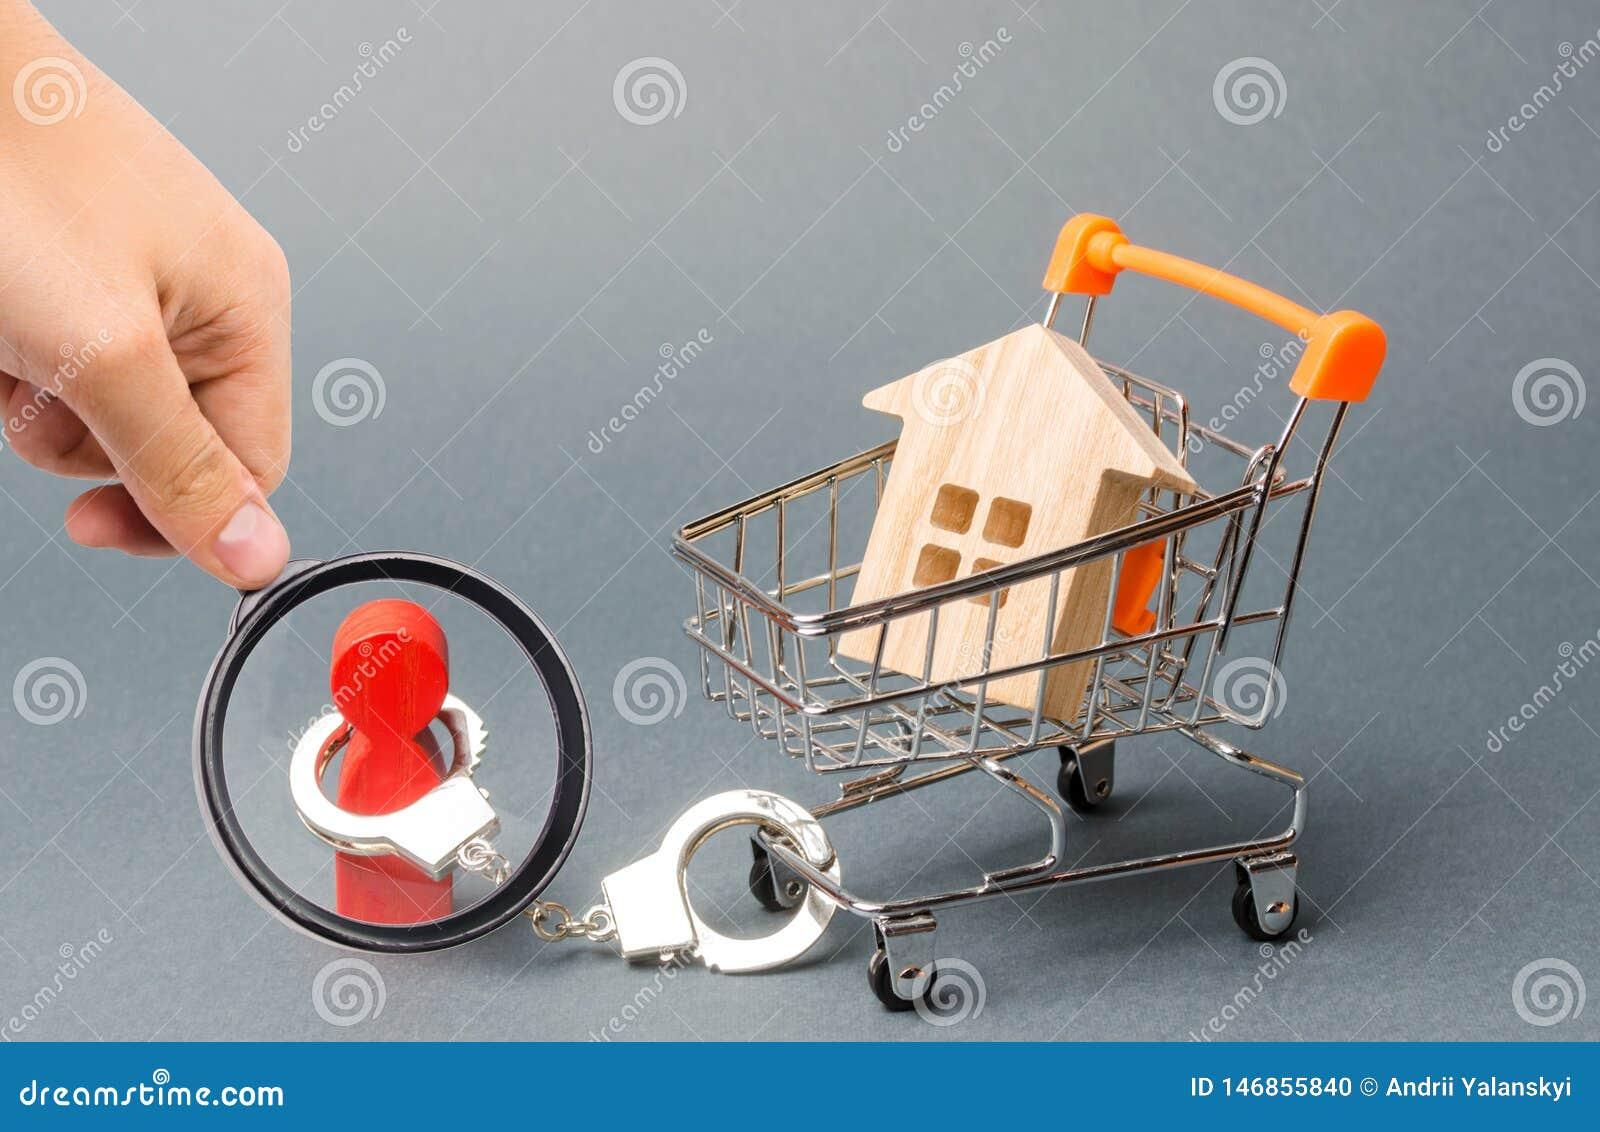 Lupe betrachtet eine Person wird mit Handschellen gefesselt zu einem Haus auf einem Supermarktwagen Finanzabh?ngigkeit, nicht ver